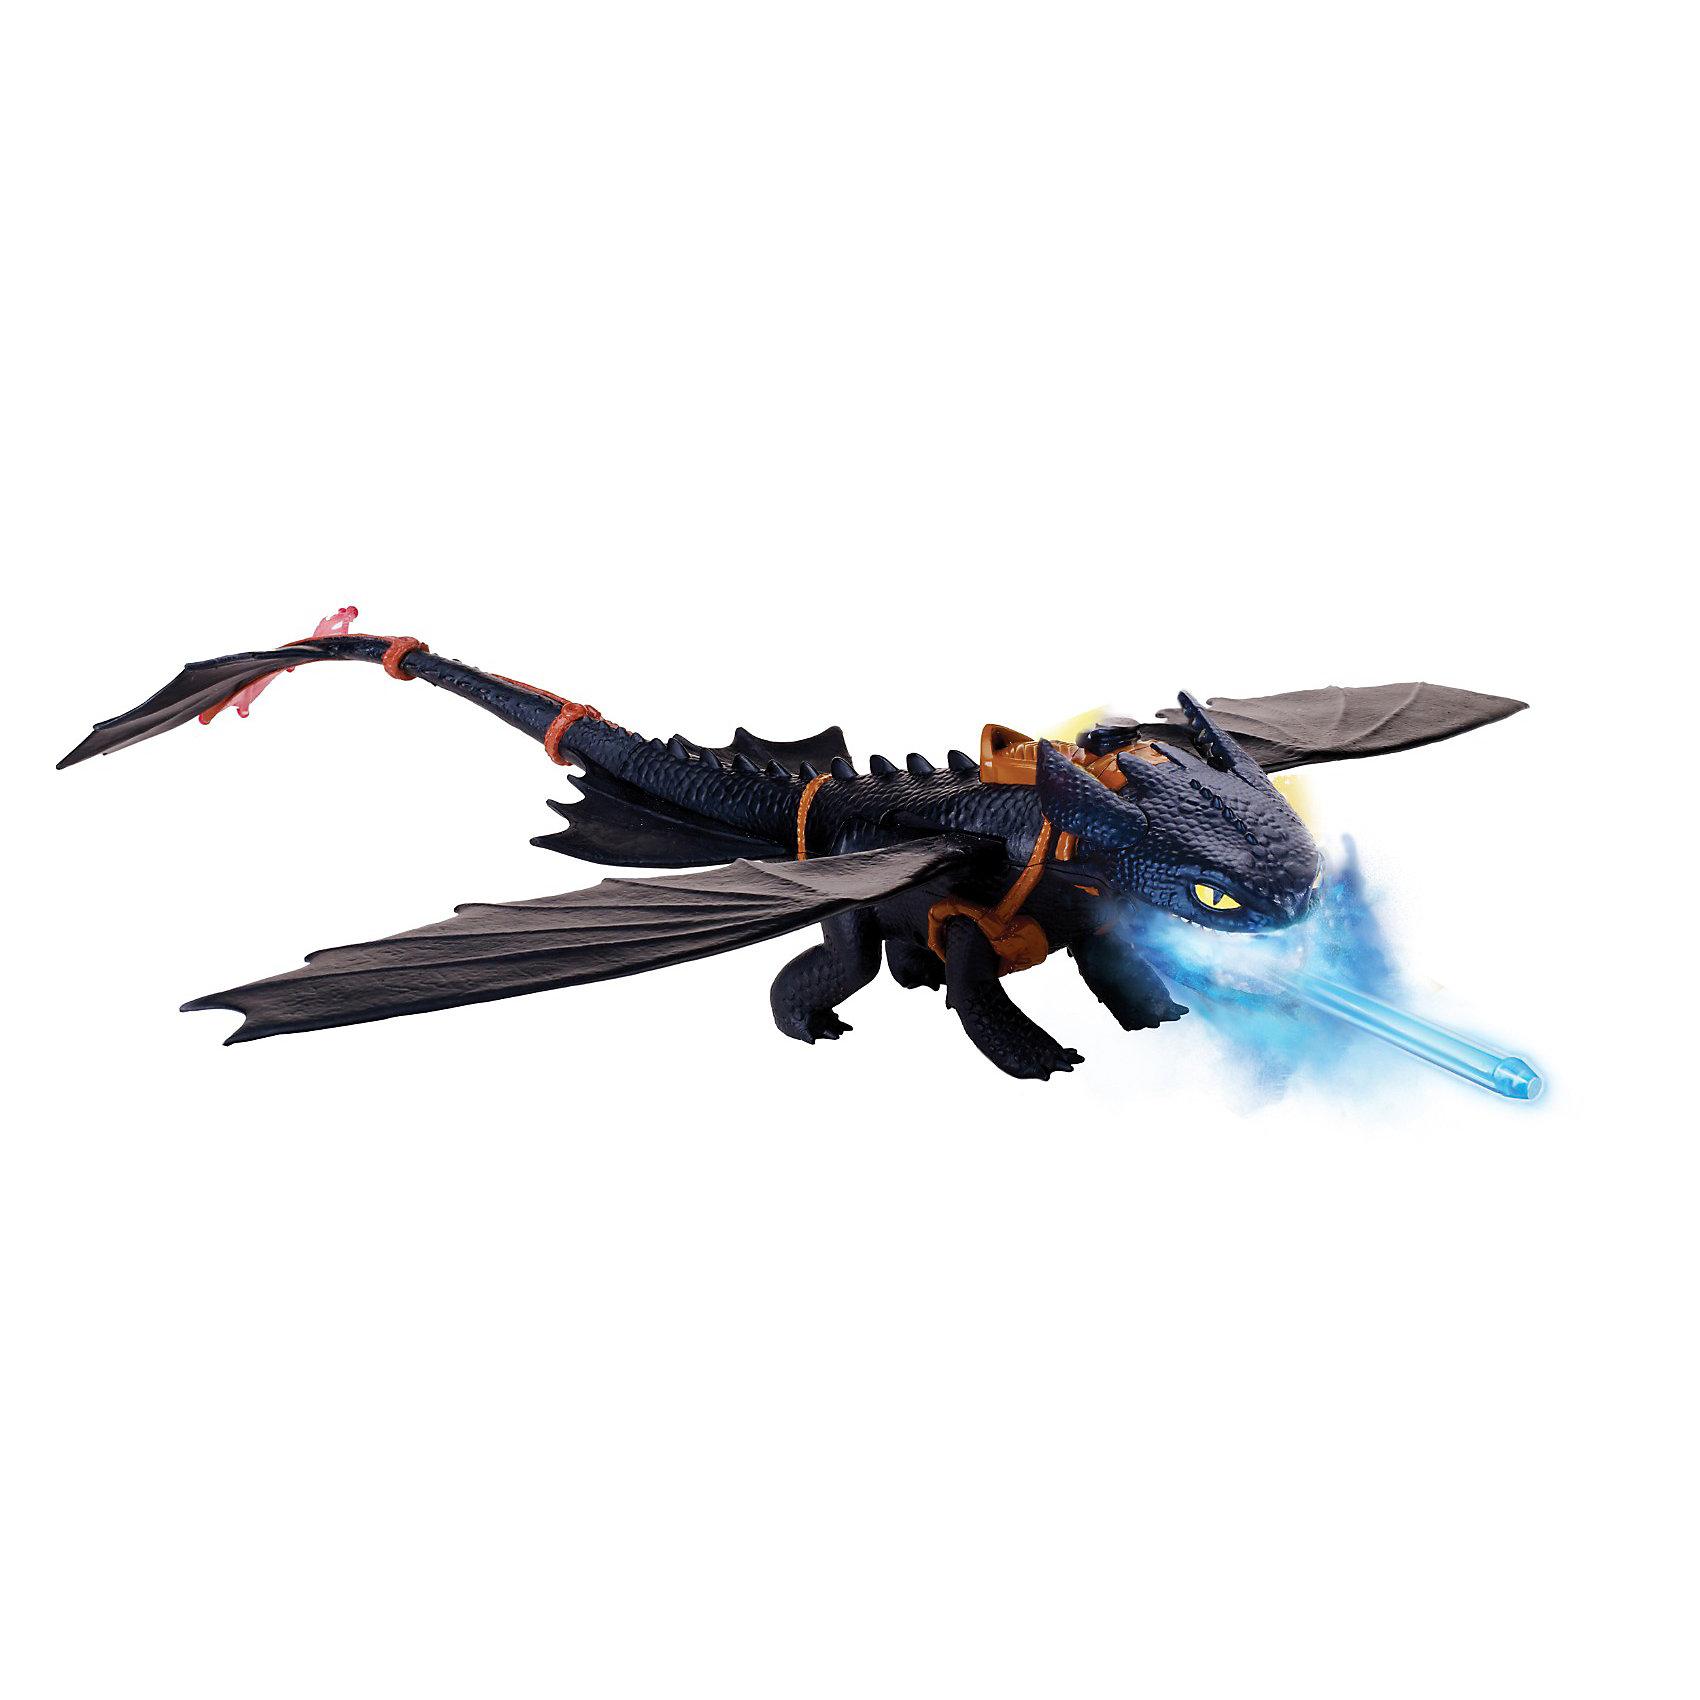 Большой дракон Беззубик, Spin MasterБольшой дракон Беззубик, Spin Master (Спин Мастер) - это самая большая версия главного героя мультипликационного фильма студии DreamWorks «Как приручить дракона». <br><br>Дракон Беззубик умеет «дышать огнем» и запускать стрелы. На спине дракона под крышкой есть специальное отверстие, залейте в него с помощью специального водяного насоса (входит в комплект) воду, затем нажмите на ушко дракона-пасть дракона приоткроется и появится водяной пар подсвечиваемый синим цветом. Крылья дракона подвижные: можно сложить на спине или расправить для полета.<br><br>Характеристики:<br>-большой дракон Беззубик способен «дышать огнем» и метать снаряды <br>-снаряды в темноте светятся<br>-в процессе игры с такой игрушкой развивается моторика рук, фантазия и мышление<br>-«холодный пар», выпускаемый драконом, абсолютно безвреден и образуется из простой водопроводной воды<br><br>Комплектация:<br>-дракон, состоящий из туловища и отдельно присоединяемого хвоста<br>-2 снаряда<br>-специальный паровой картридж<br>-водяной насос<br><br>Дополнительная информация:<br><br>-размах крыльев: 55см<br>-размер (ДхШхВ): 41х30х10 см<br>-батарейки: 3хААА (в набор не входят)<br>-изготовлен Беззубик из высококачественного плотного пластика и резины<br><br>Любители мультфильма будут в восторге от этой игрушки! Порадуйте свое чадо таким прекрасным подарком!<br><br>Игрушку Большой дракон Беззубик, Spin Master (Спин Мастер) можно купить в нашем интернет-магазине.<br><br>Ширина мм: 411<br>Глубина мм: 302<br>Высота мм: 109<br>Вес г: 681<br>Возраст от месяцев: 36<br>Возраст до месяцев: 96<br>Пол: Мужской<br>Возраст: Детский<br>SKU: 3373925